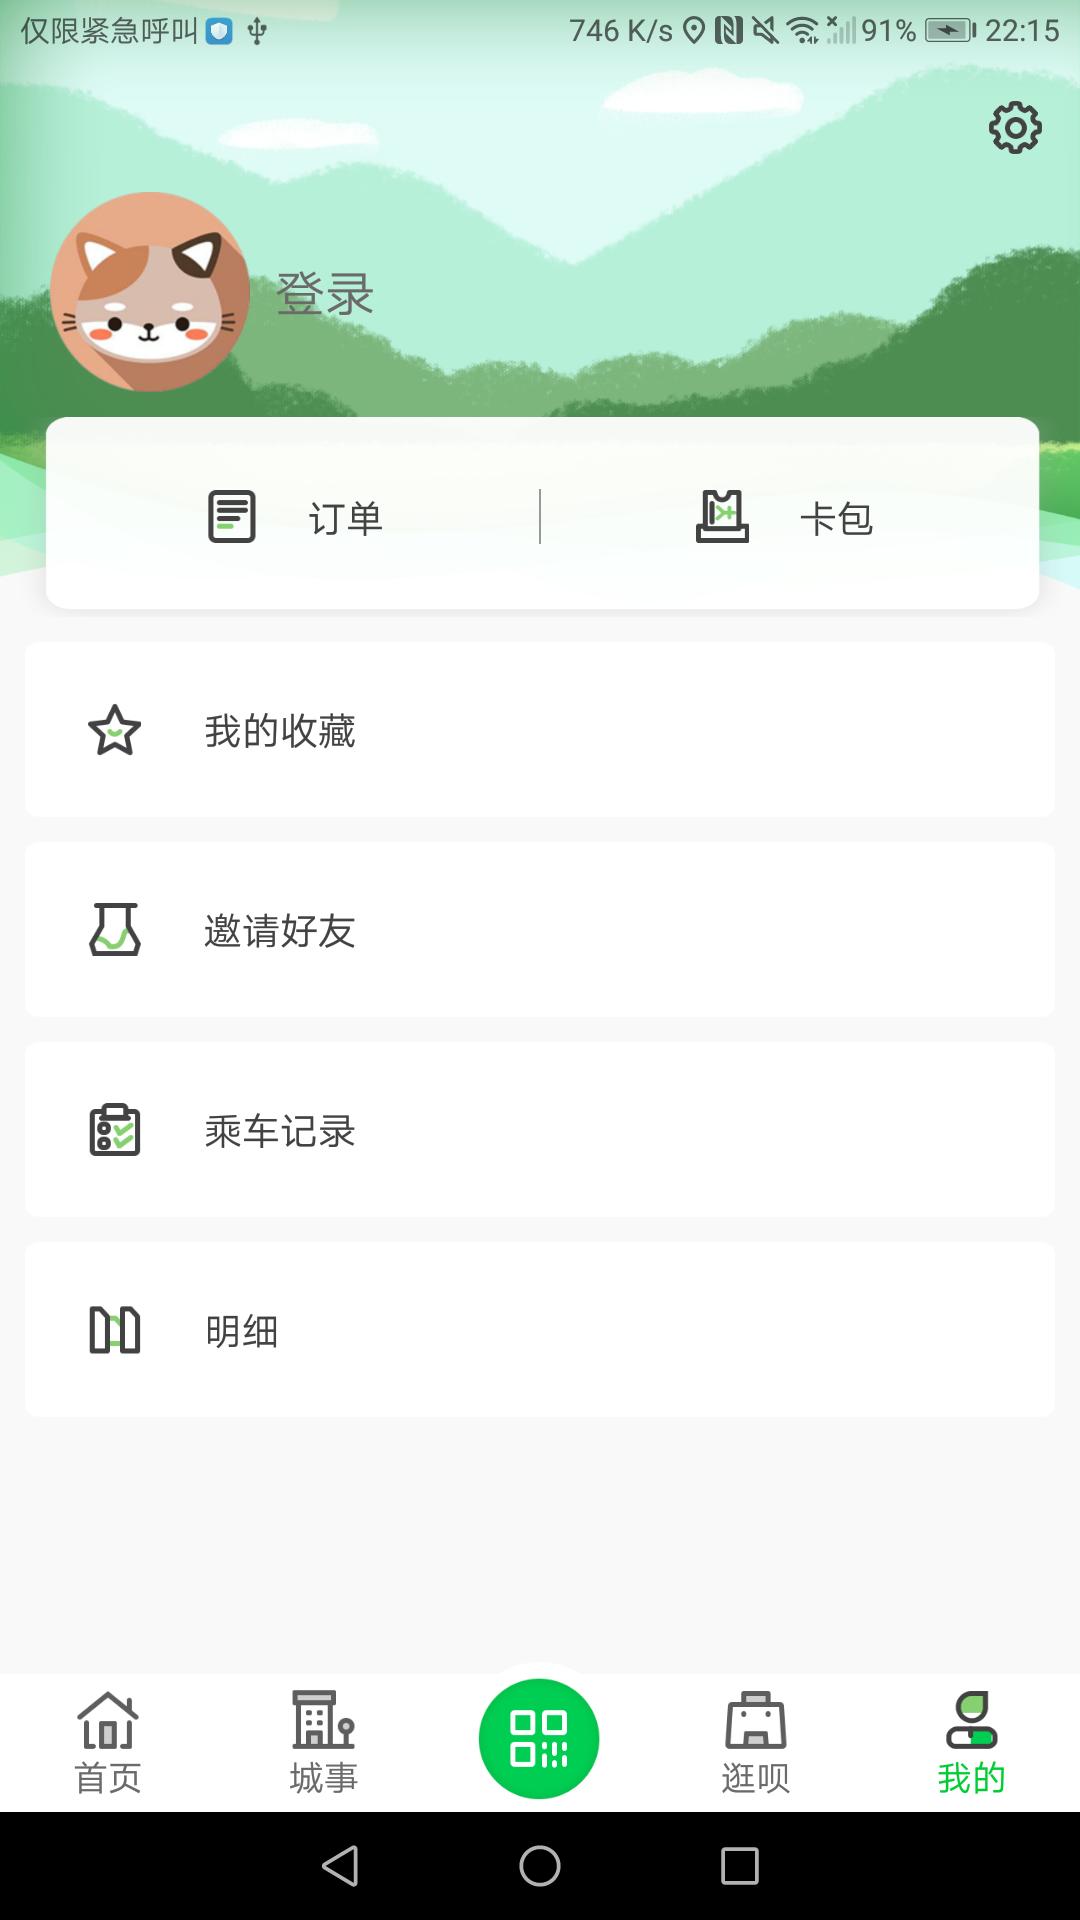 许昌公交 APP截图